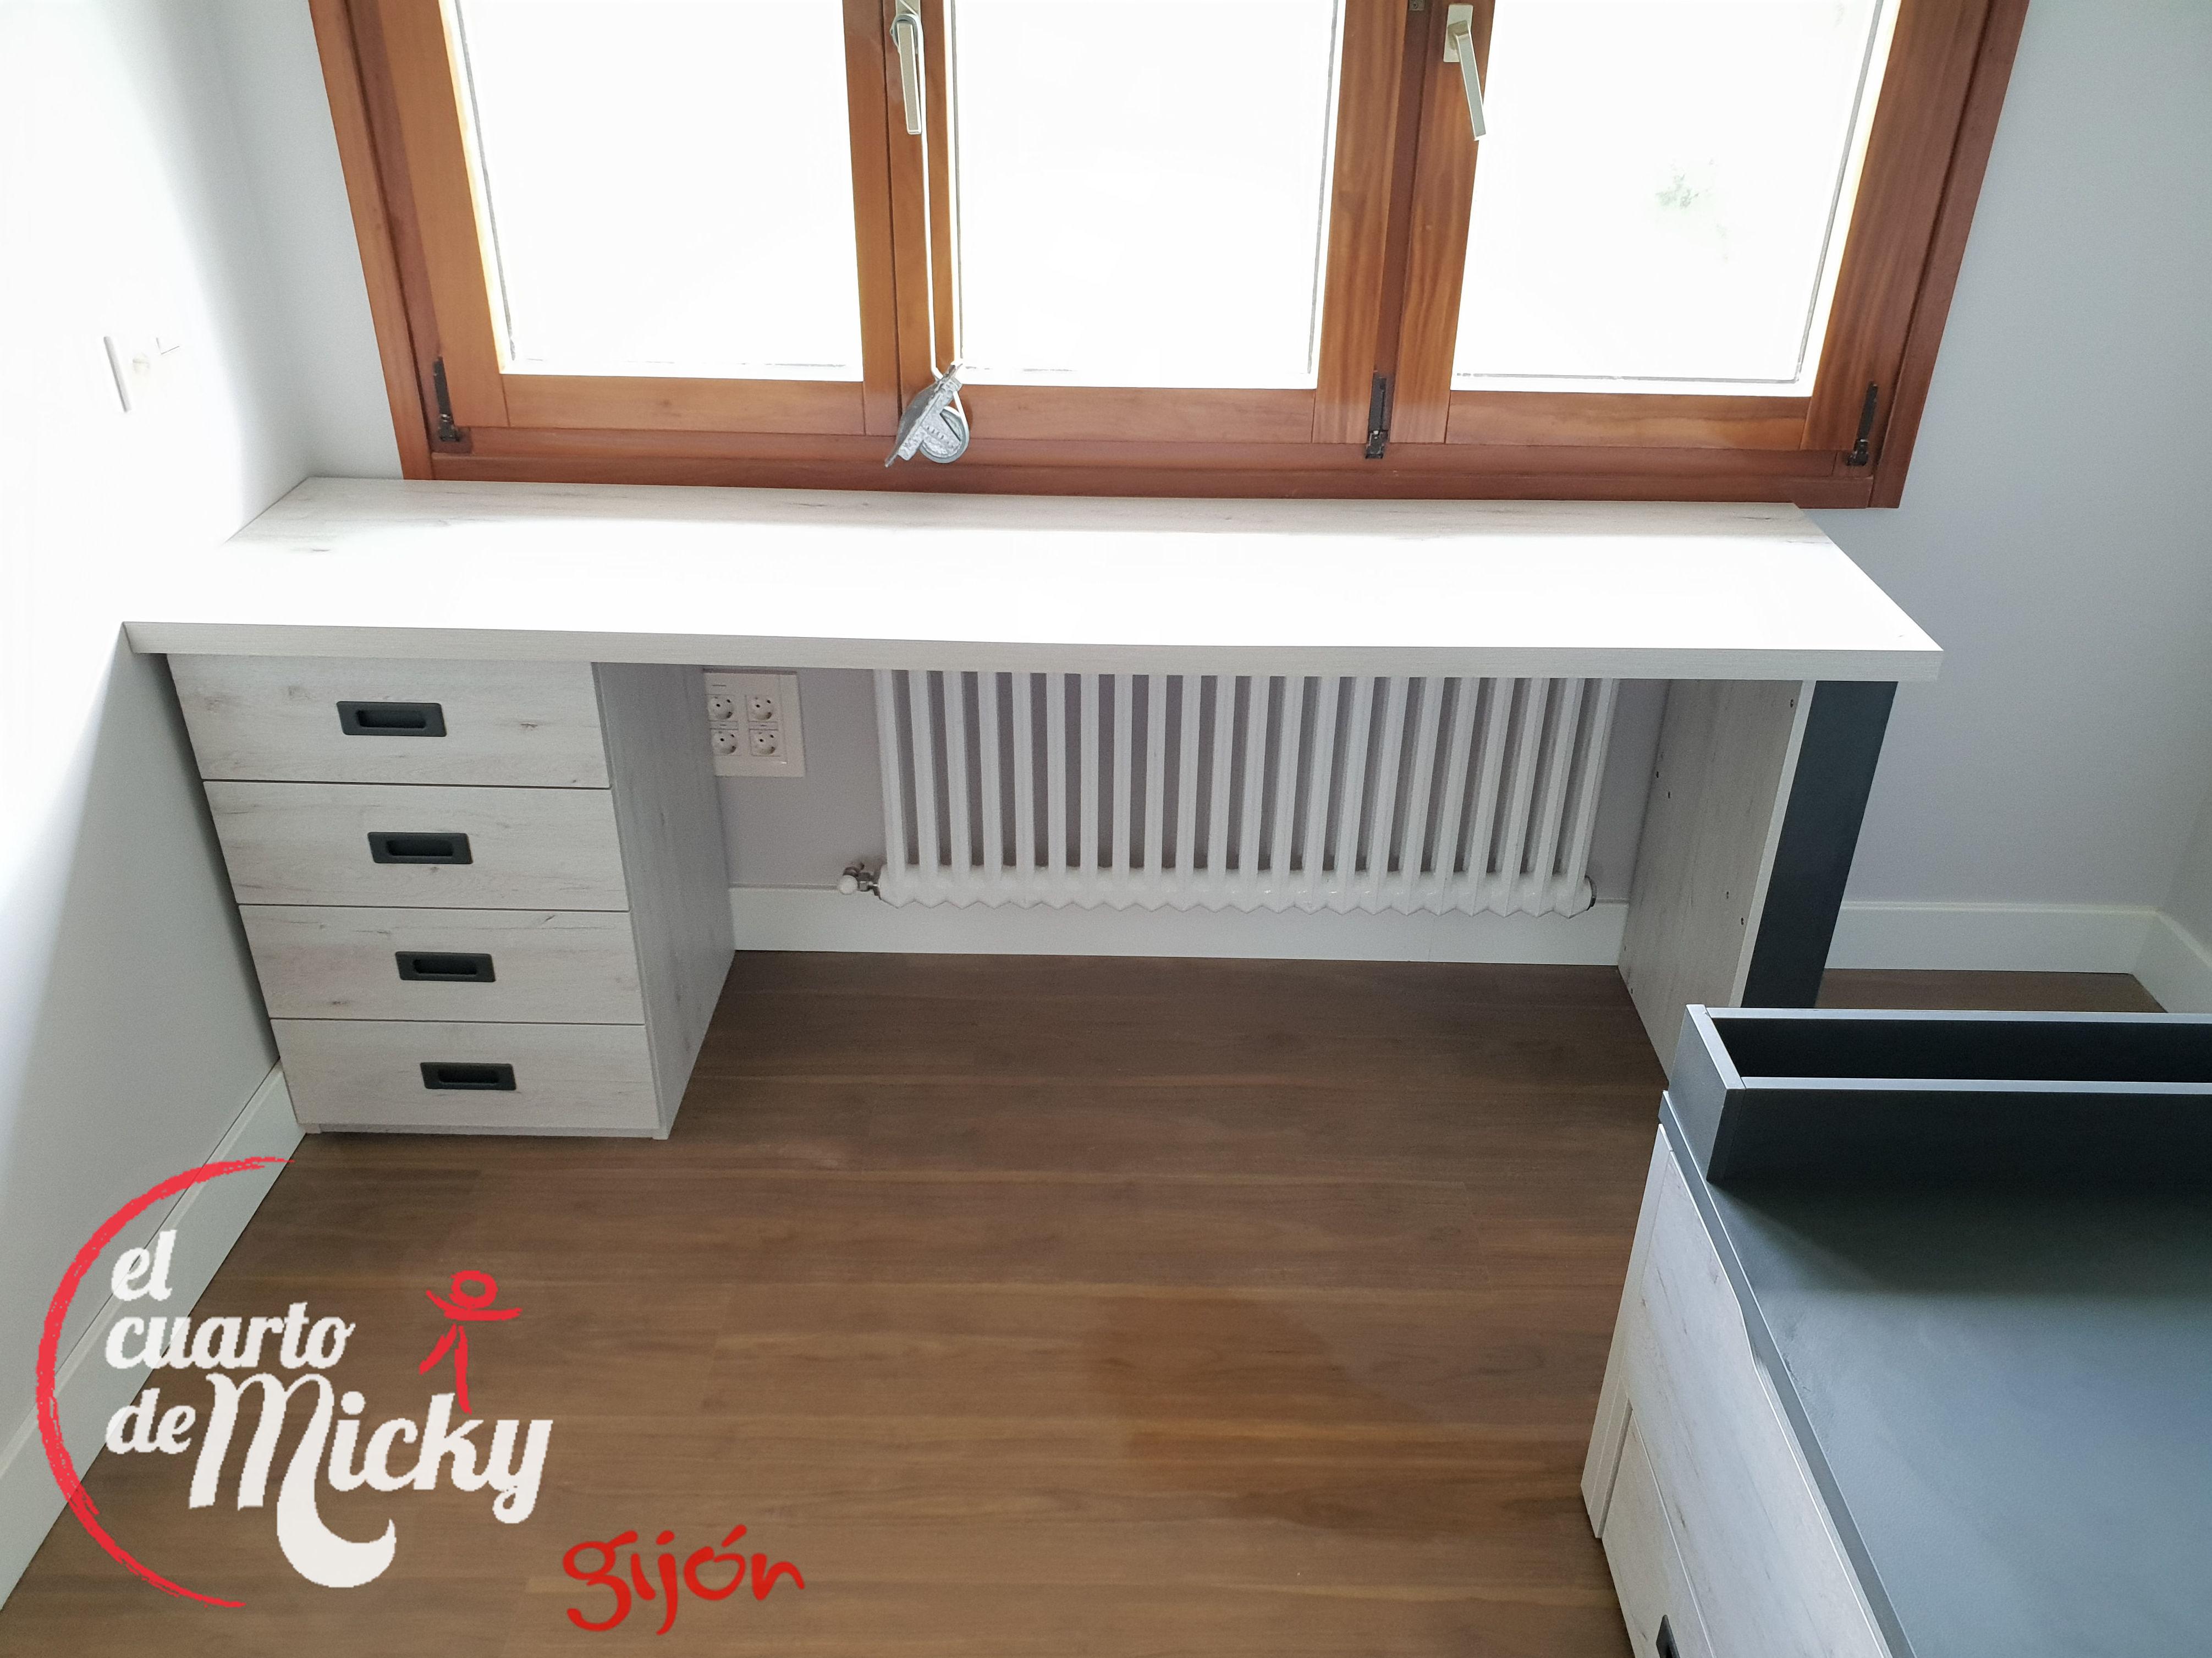 Foto 8 de Muebles y habitaciones infantiles en Gijón   El Cuarto de Micky